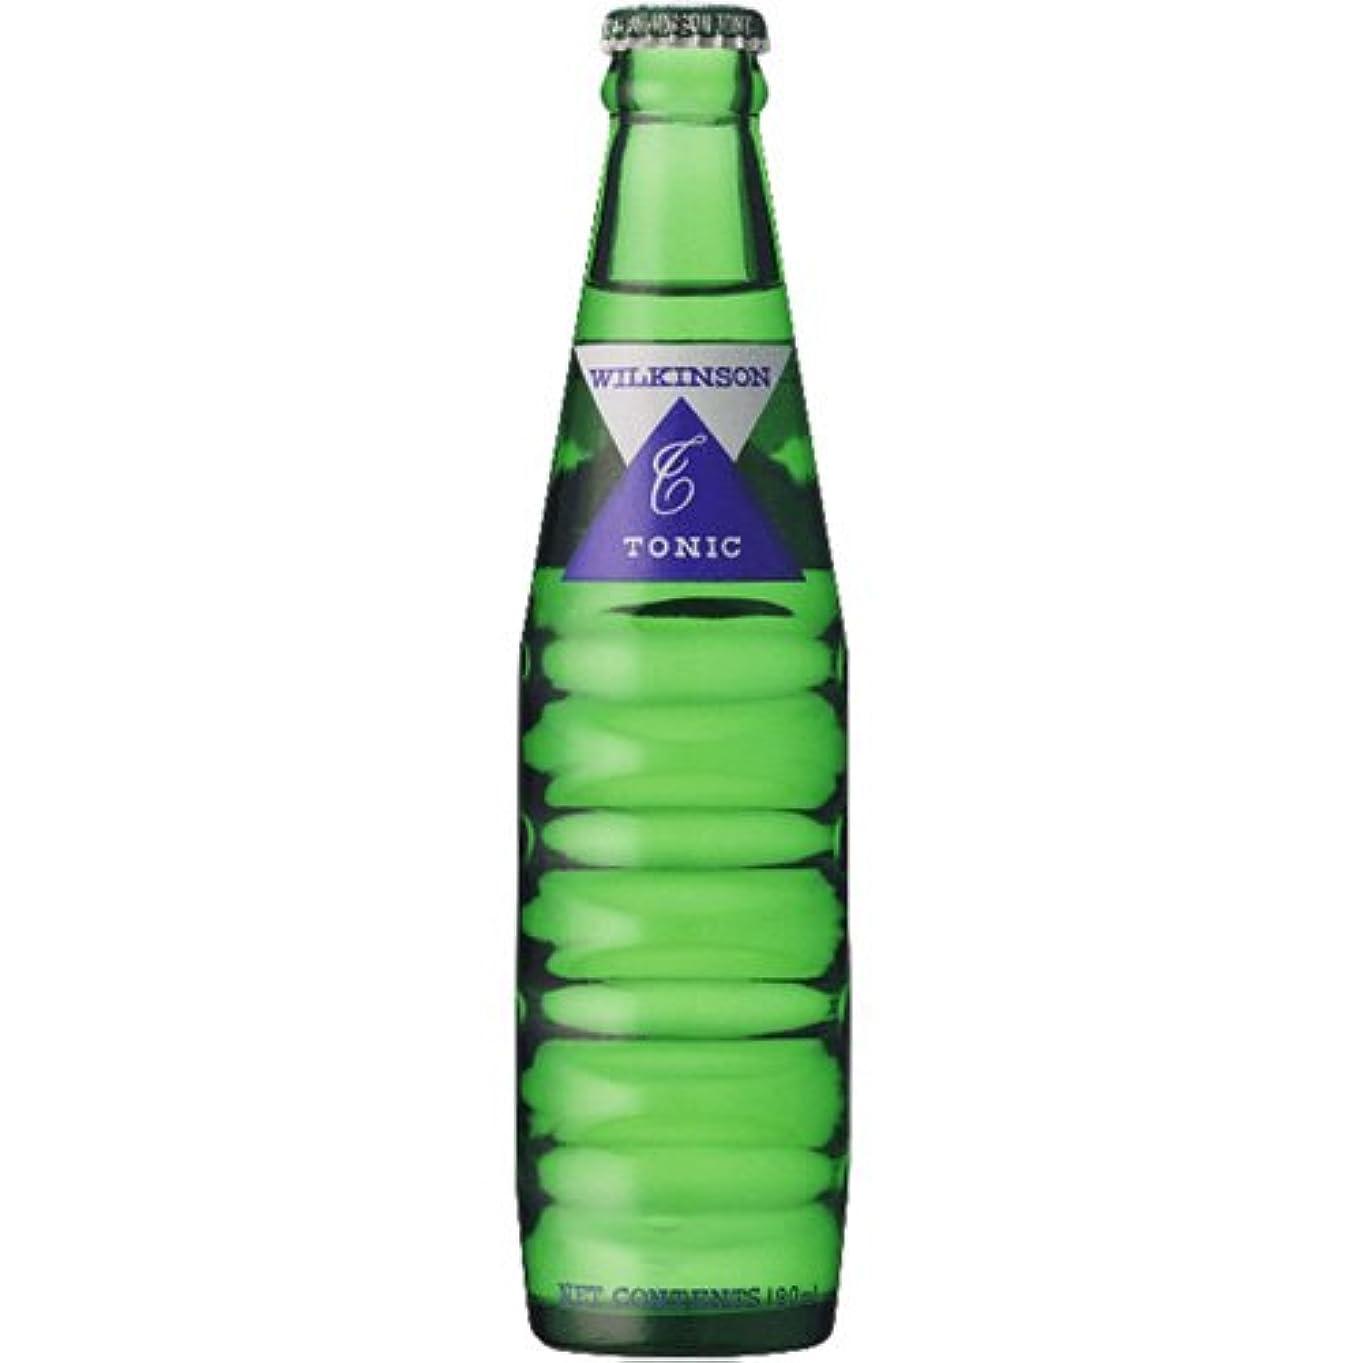 のれん溶けたスクラップアサヒ ウィルキンソン トニックウォーター リターナブル瓶 190ml×24本